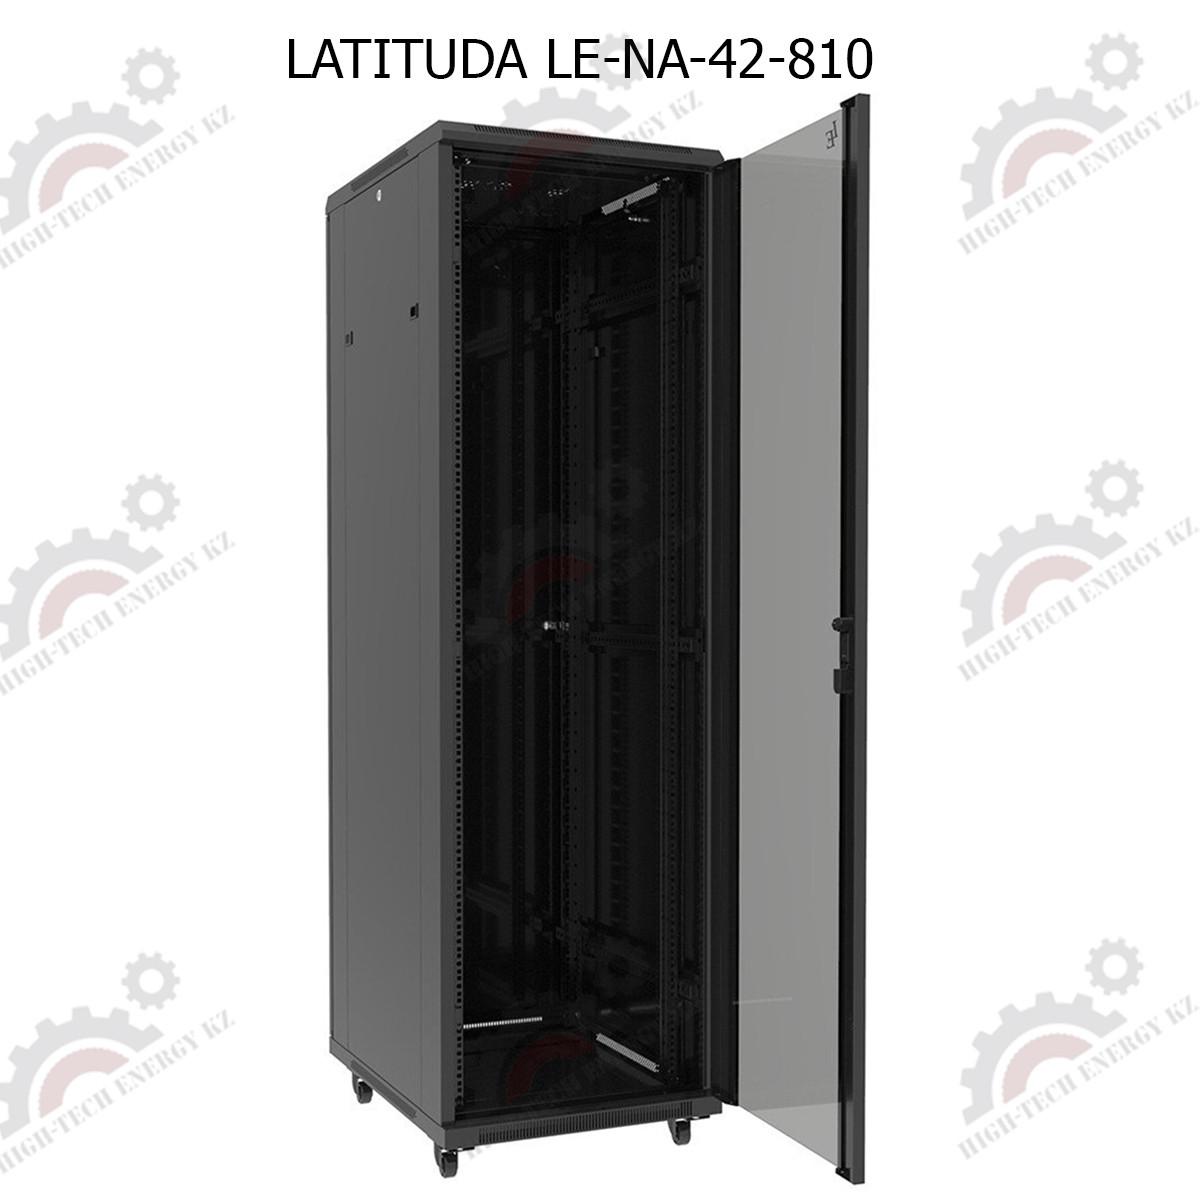 Шкаф серверный напольный LATITUDA 42U, 800*1000*1958мм, цвет черный, передняя дверь стеклянная